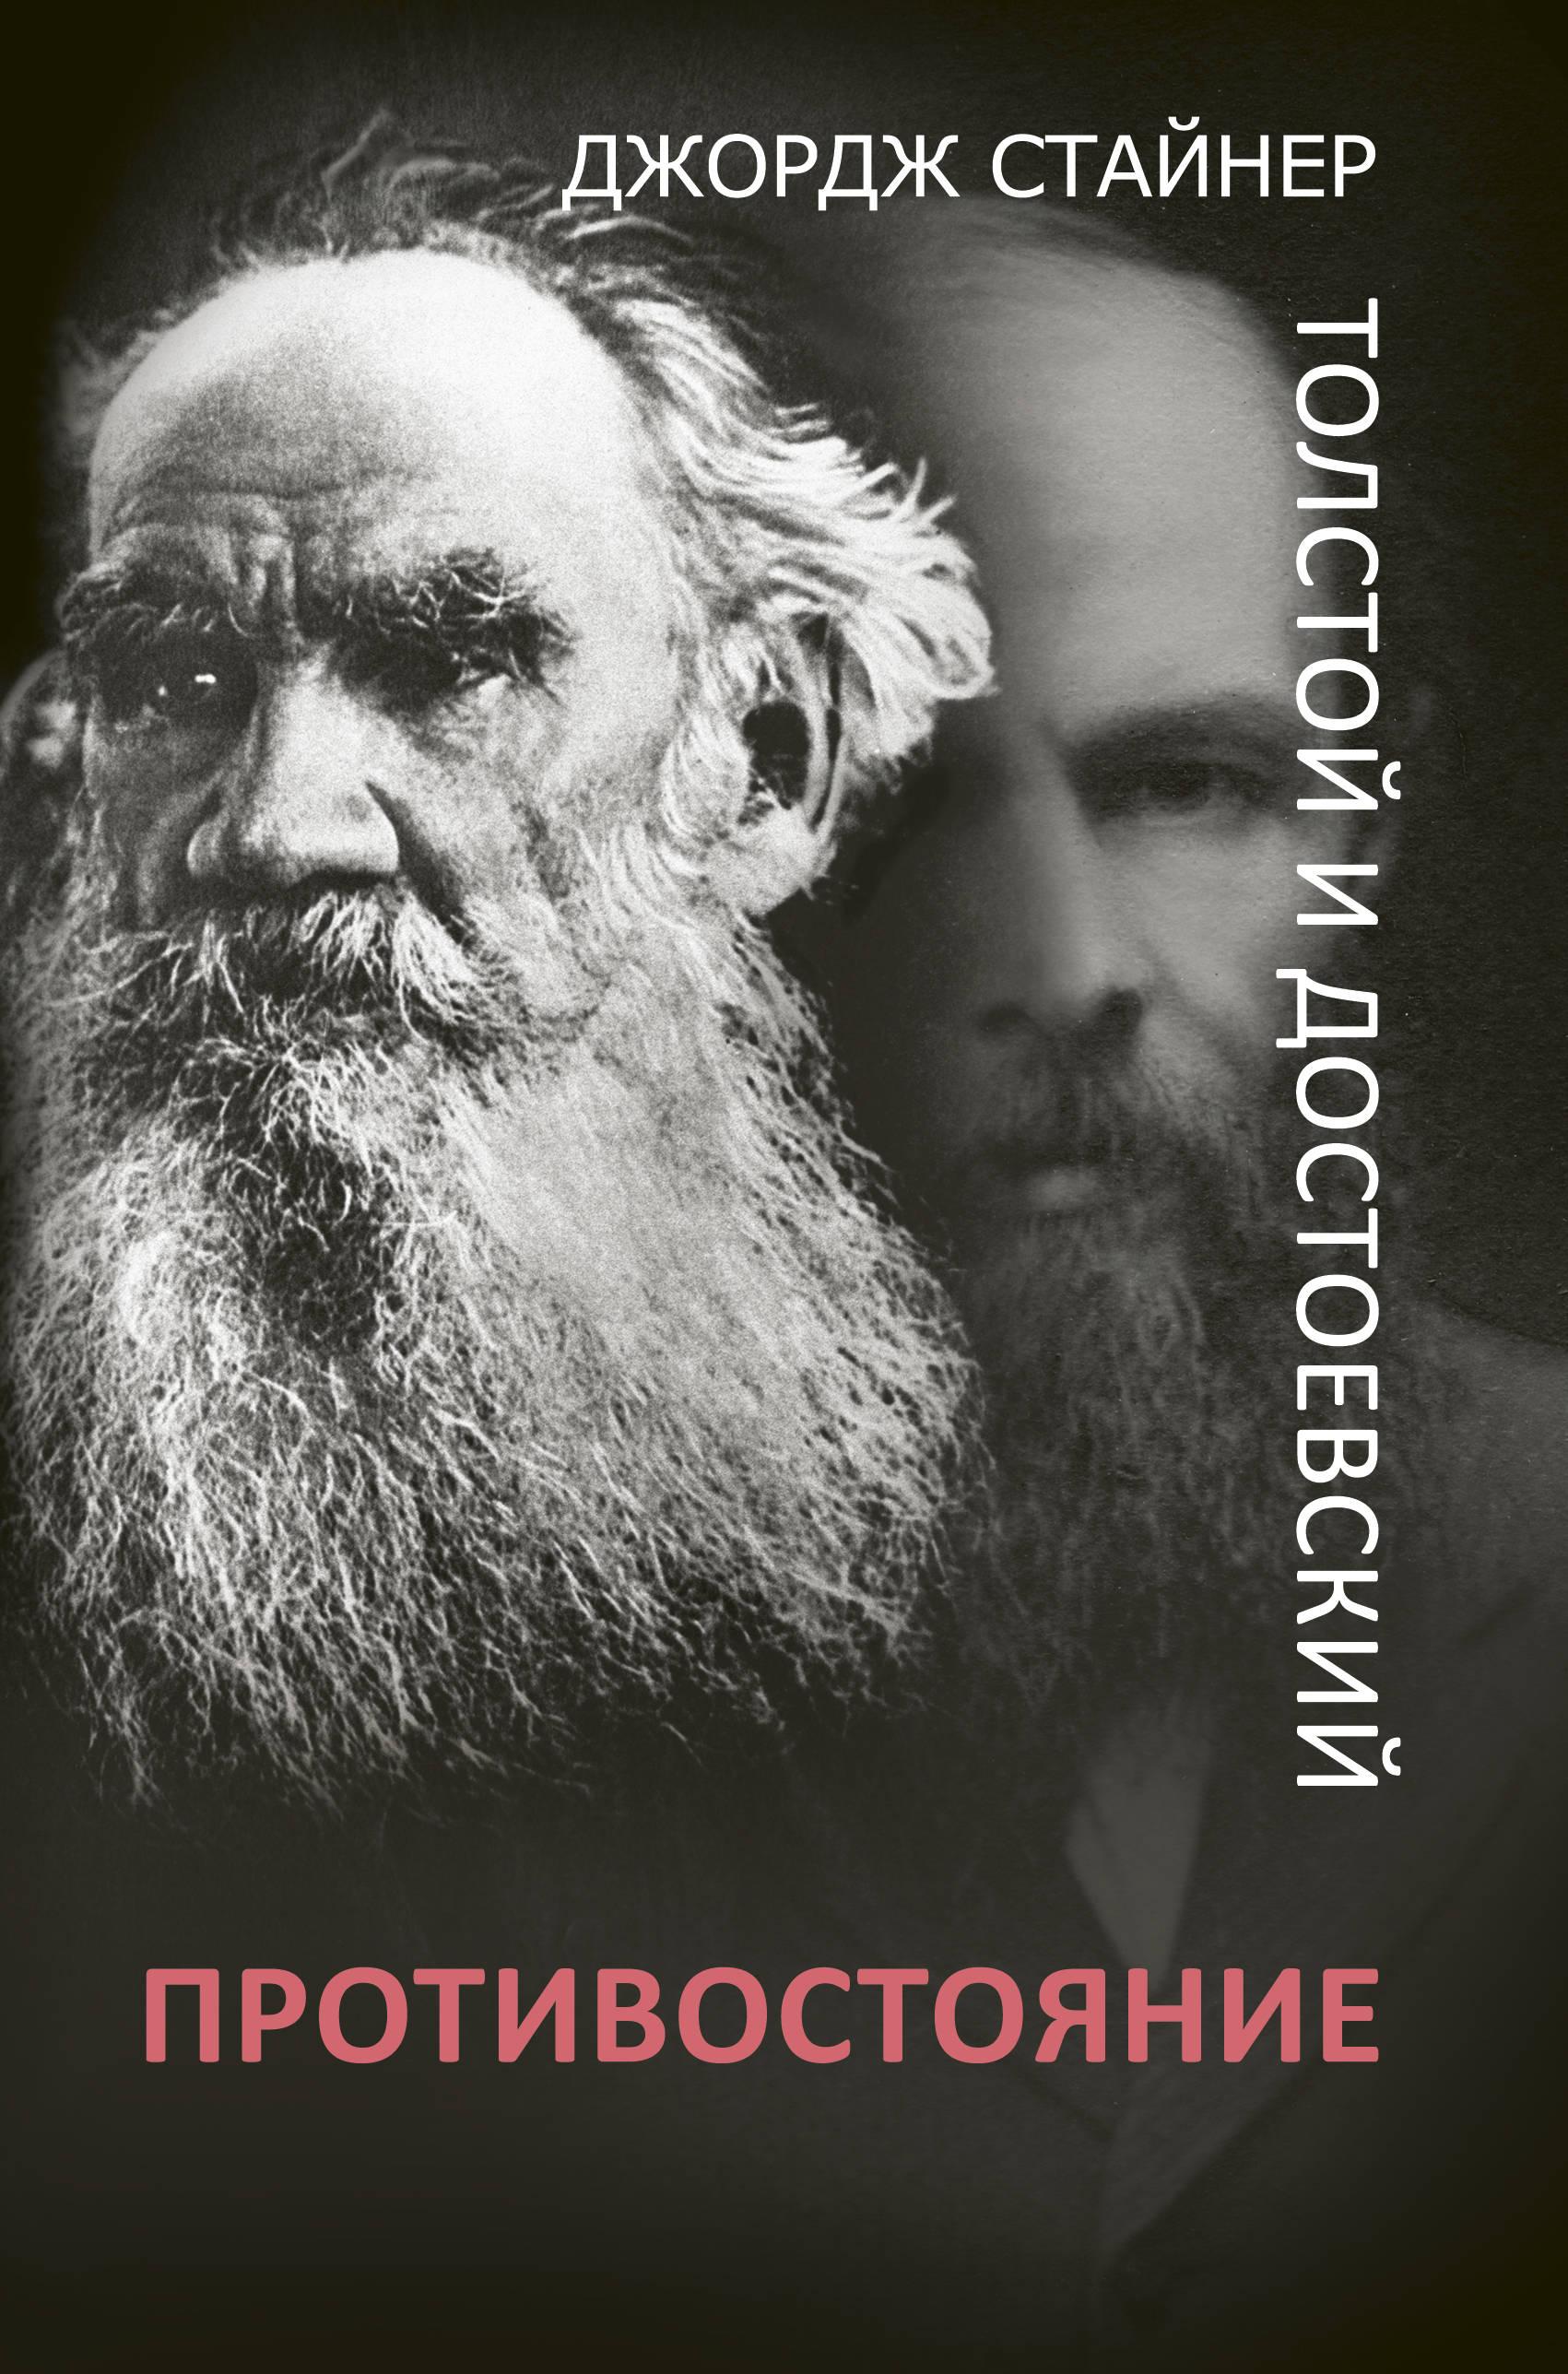 Стайнер Джордж Толстой и Достоевский: противостояние